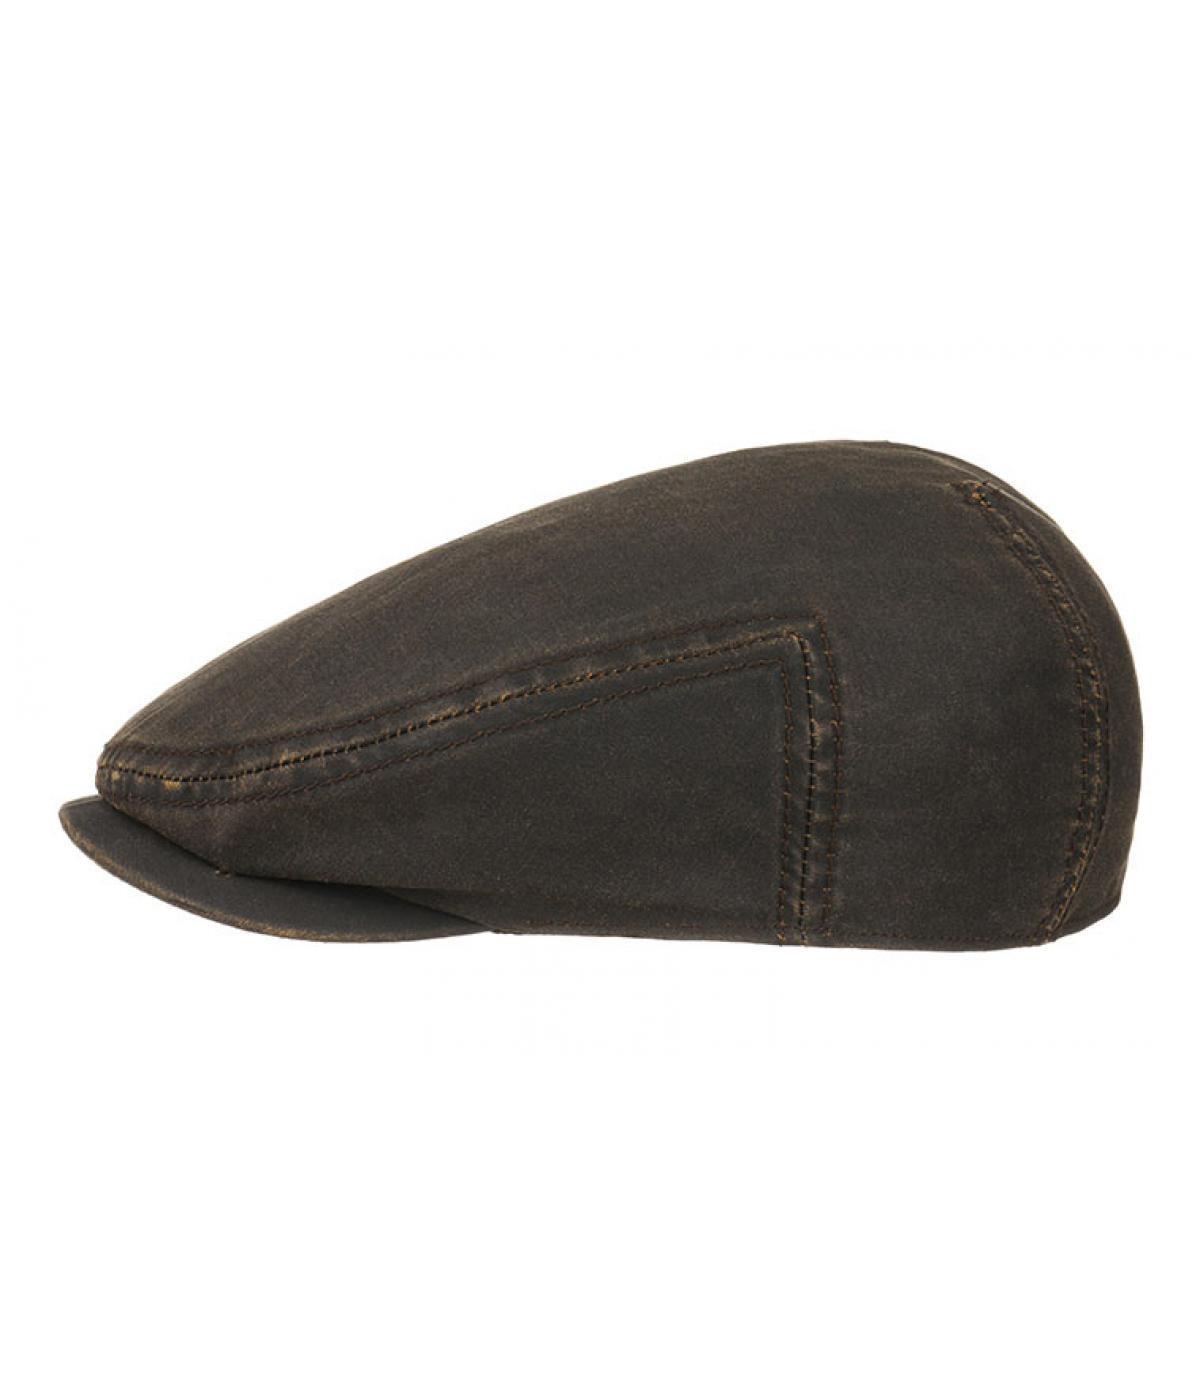 Détails Driver cap dark brown - image 2